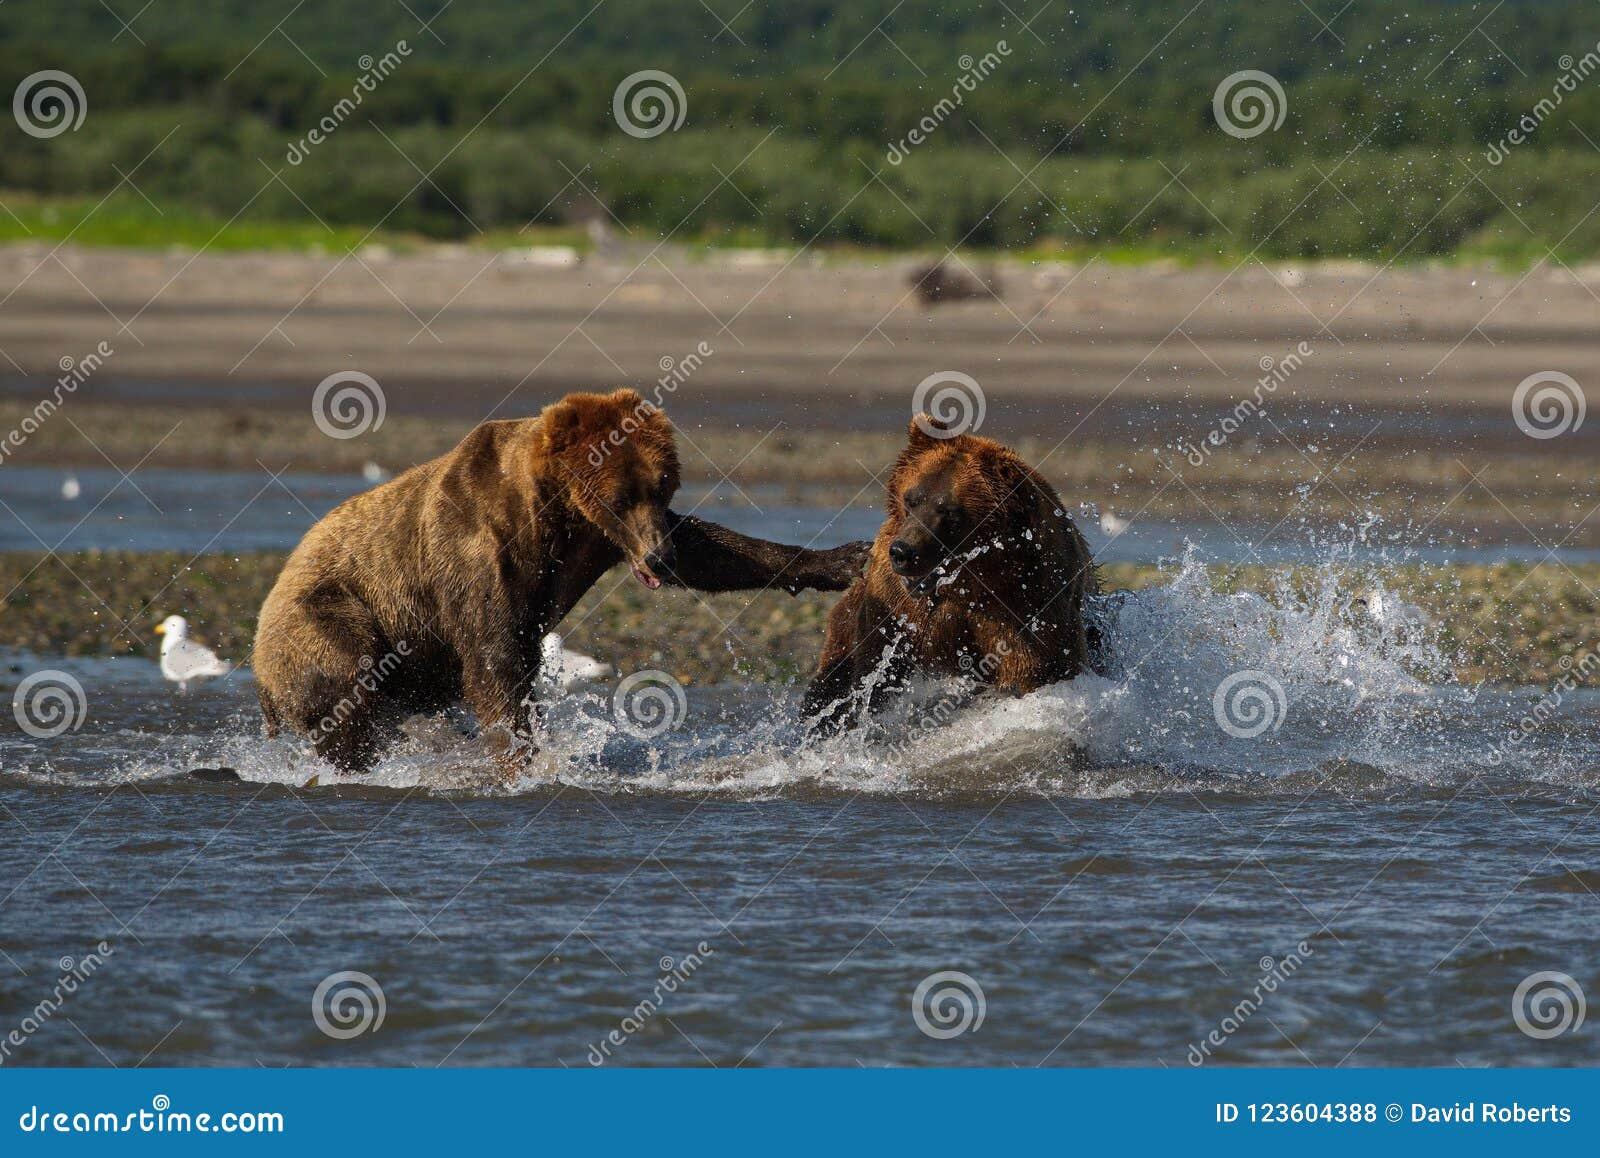 Stillahavs- kust- brunbjörnususarctos som slåss - som är grizzliy -